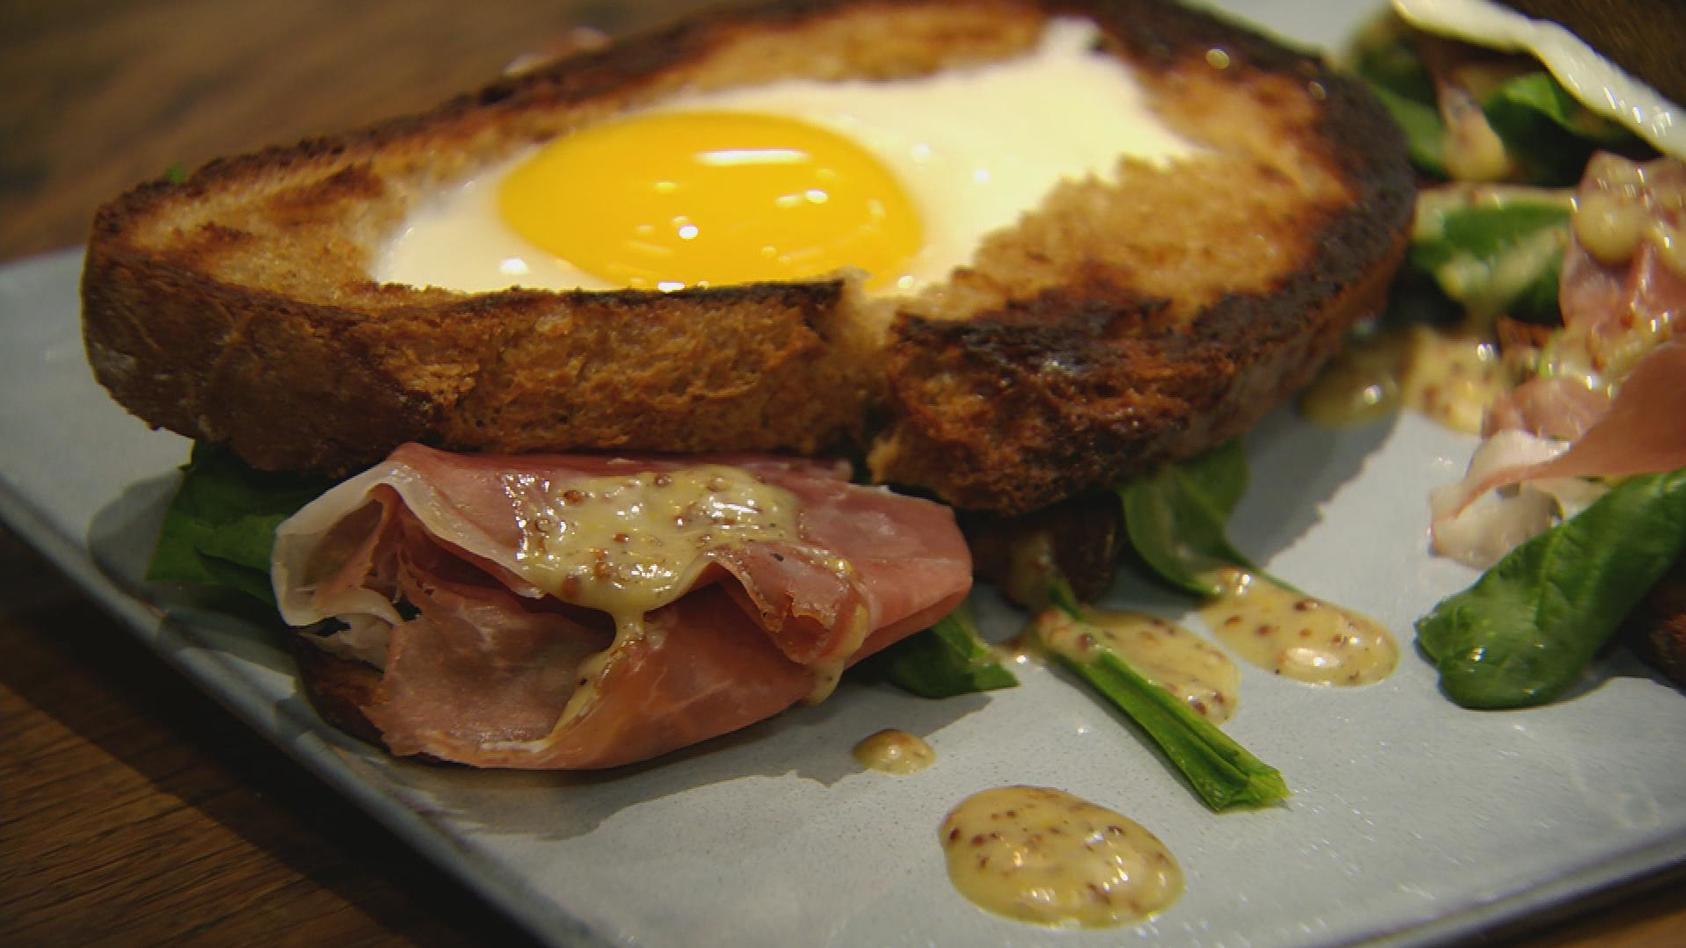 Lieblingsrezepte aus der Kindheit in neuem Gewand: Belegtes Spinat-Ei-Brot mit Schinken